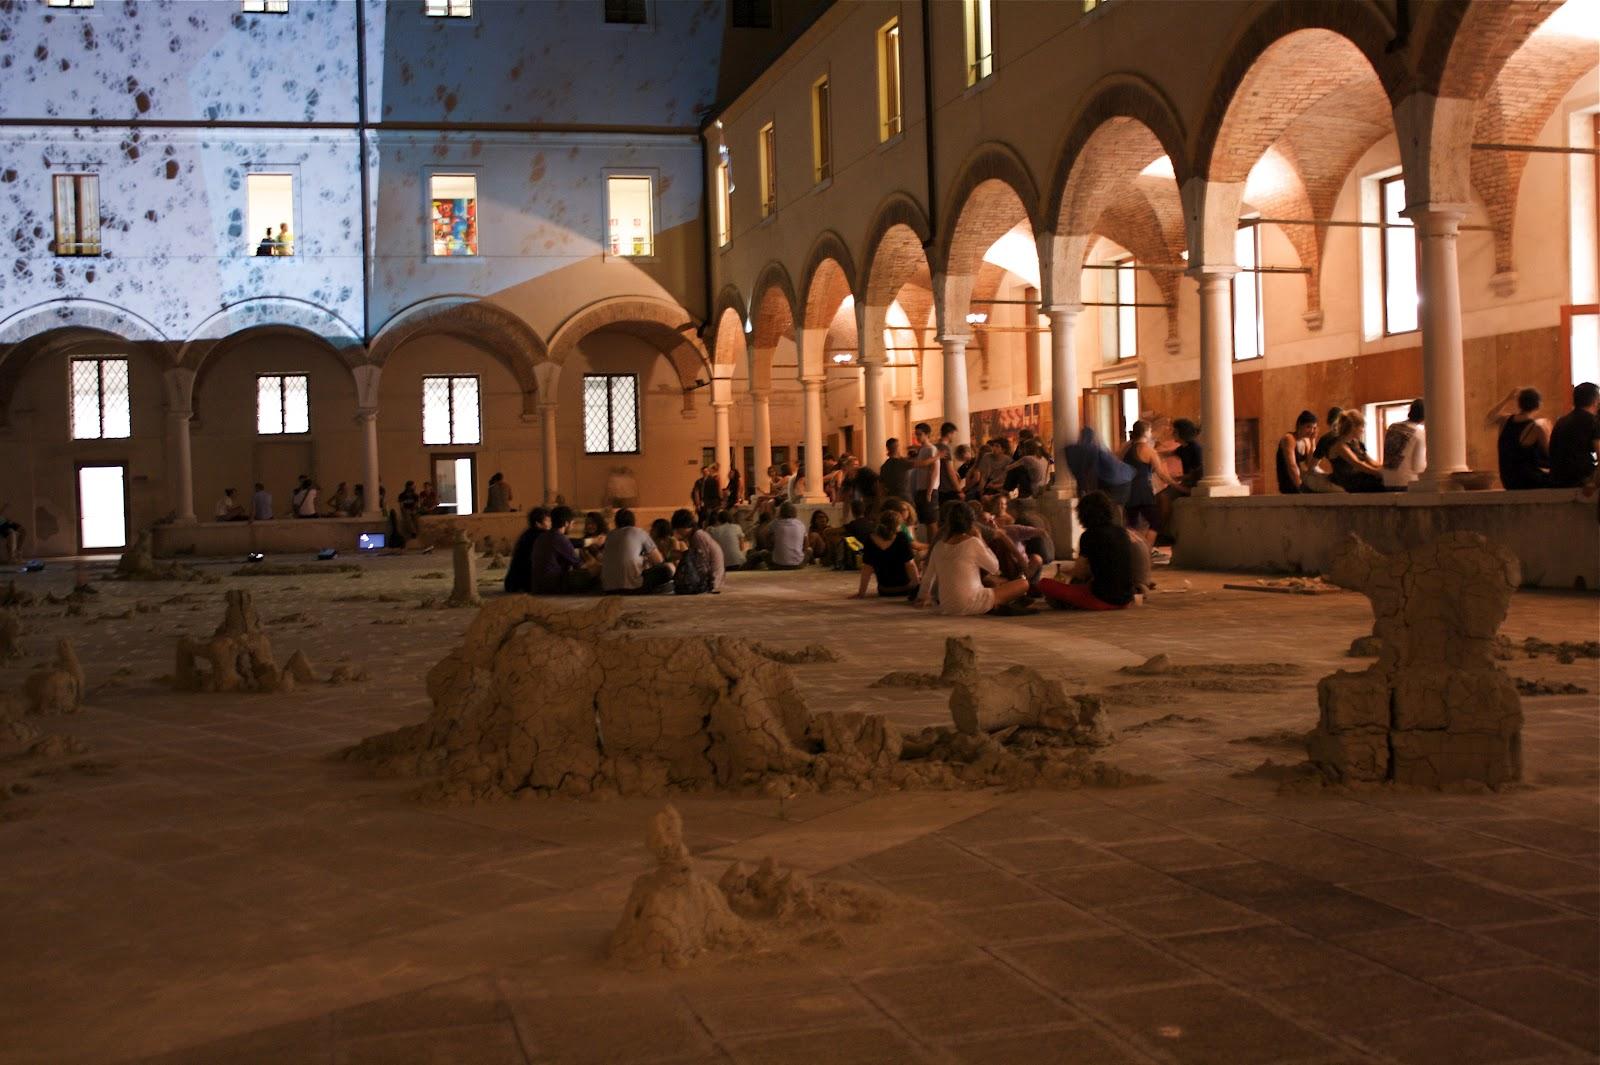 Venezia blog june 2012 for Accademia delle belle arti corsi